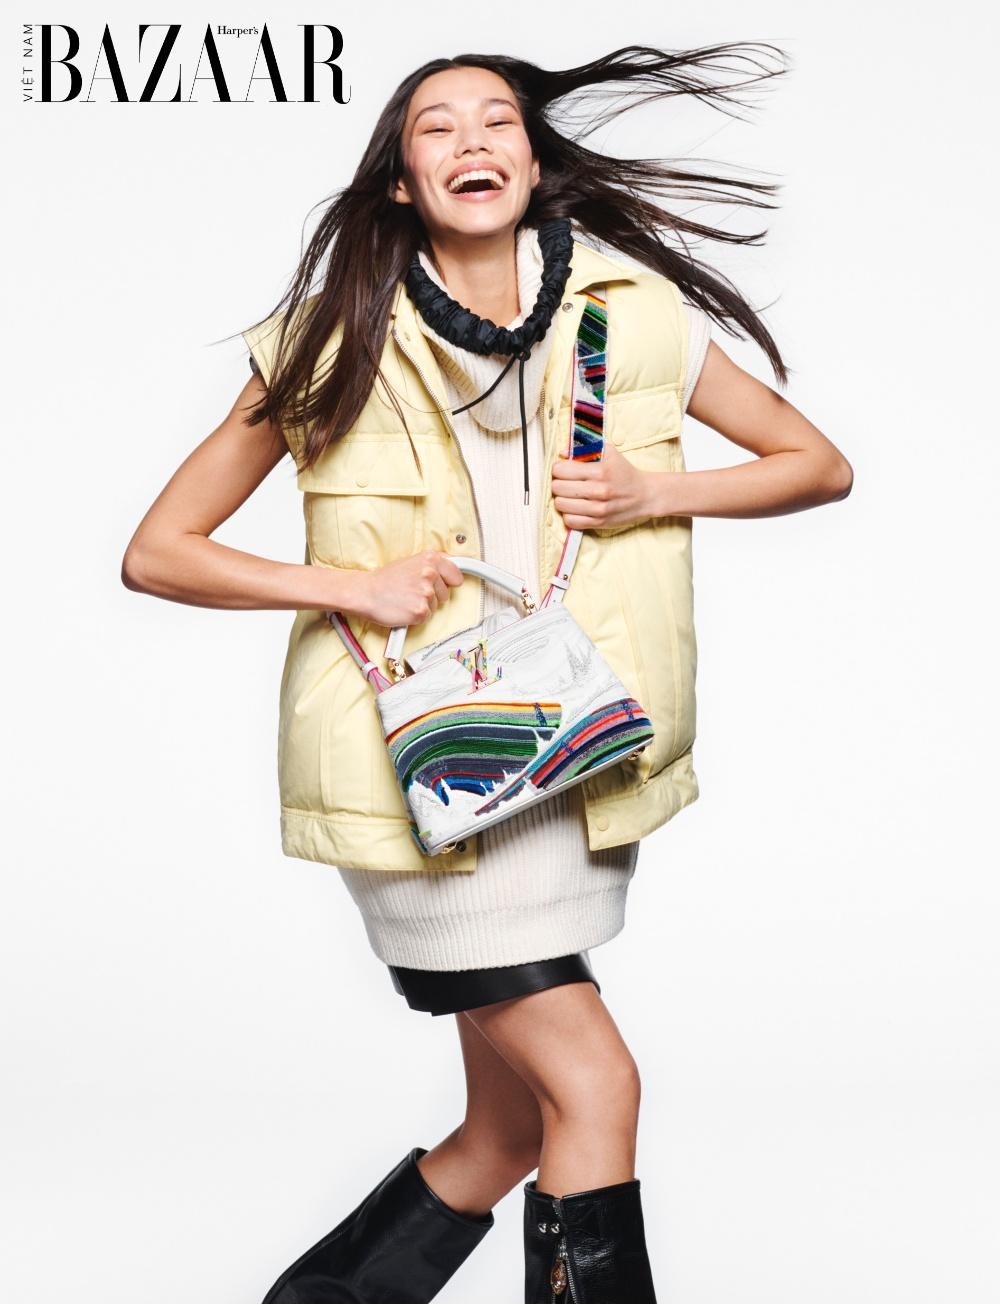 Louis Vuitton ra mắt 6 thiết kế Artycapucines nghệ thuật năm 2021 4